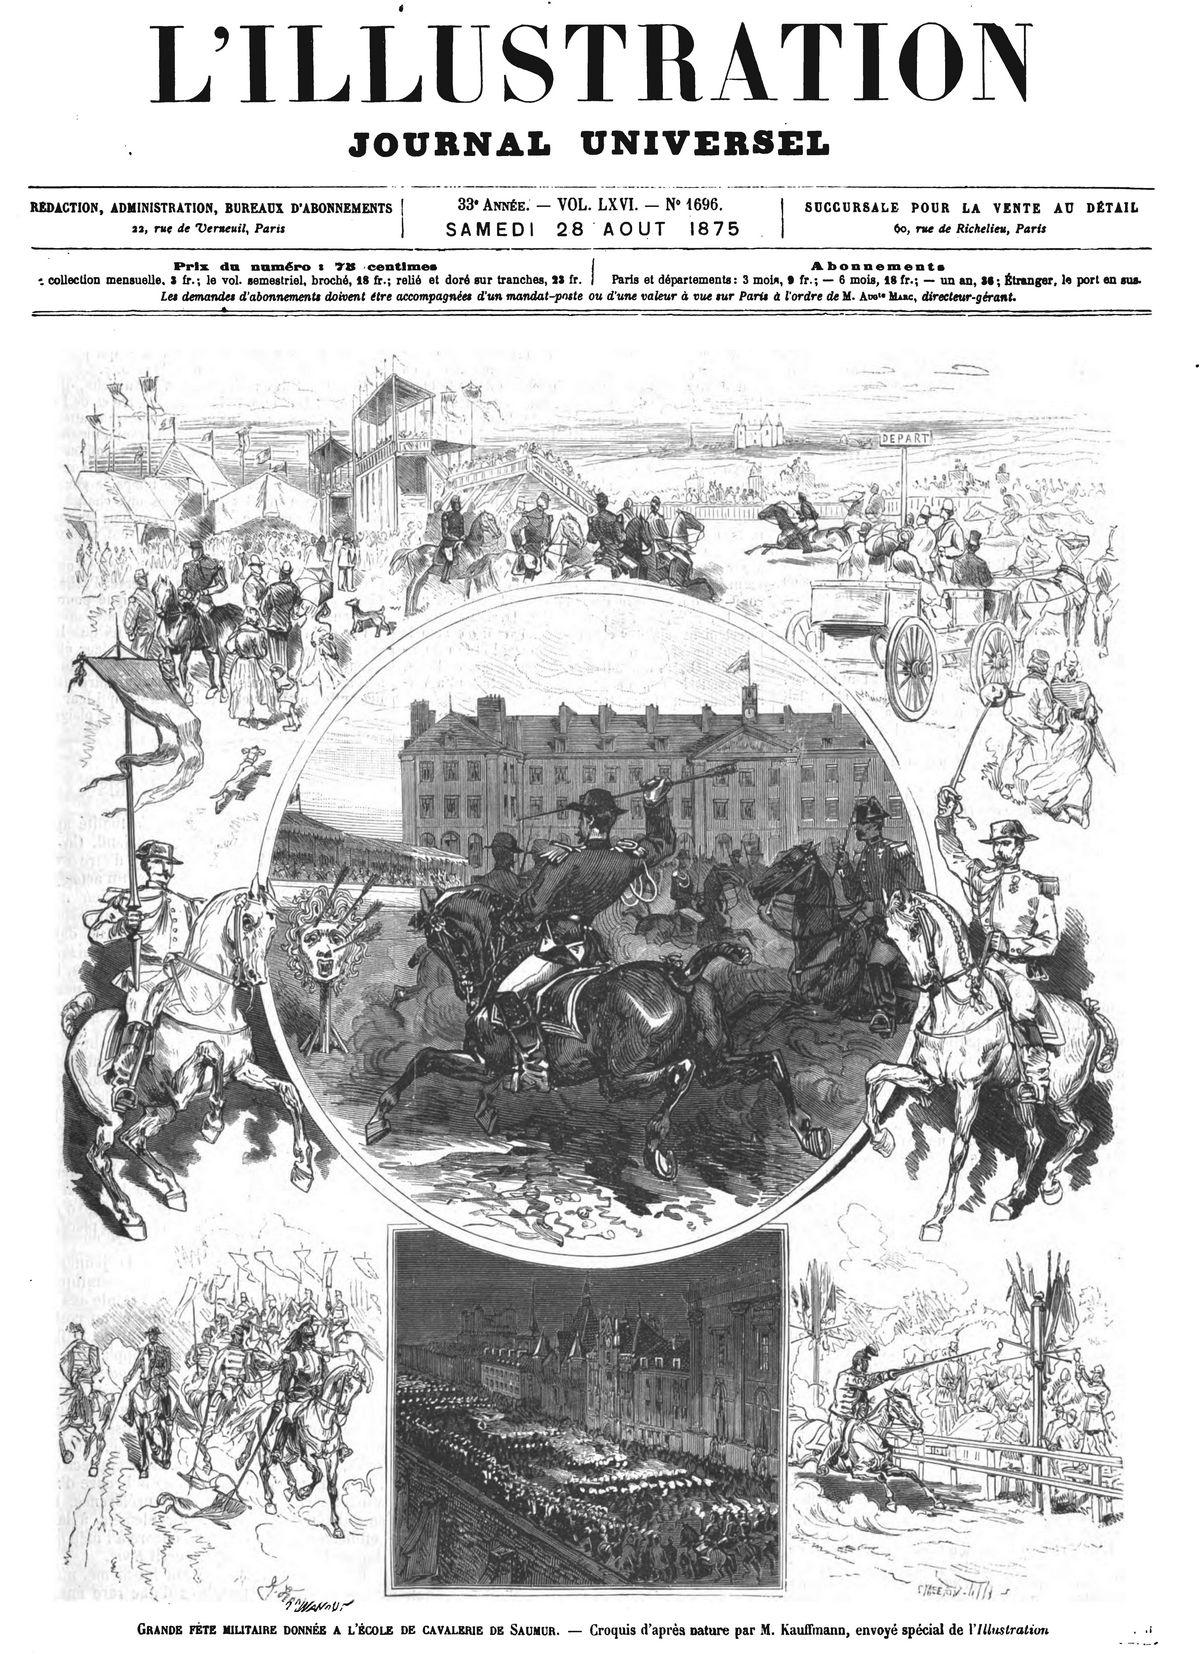 Grande fête donnée à l'école de cavalerie de Saumur. 1875